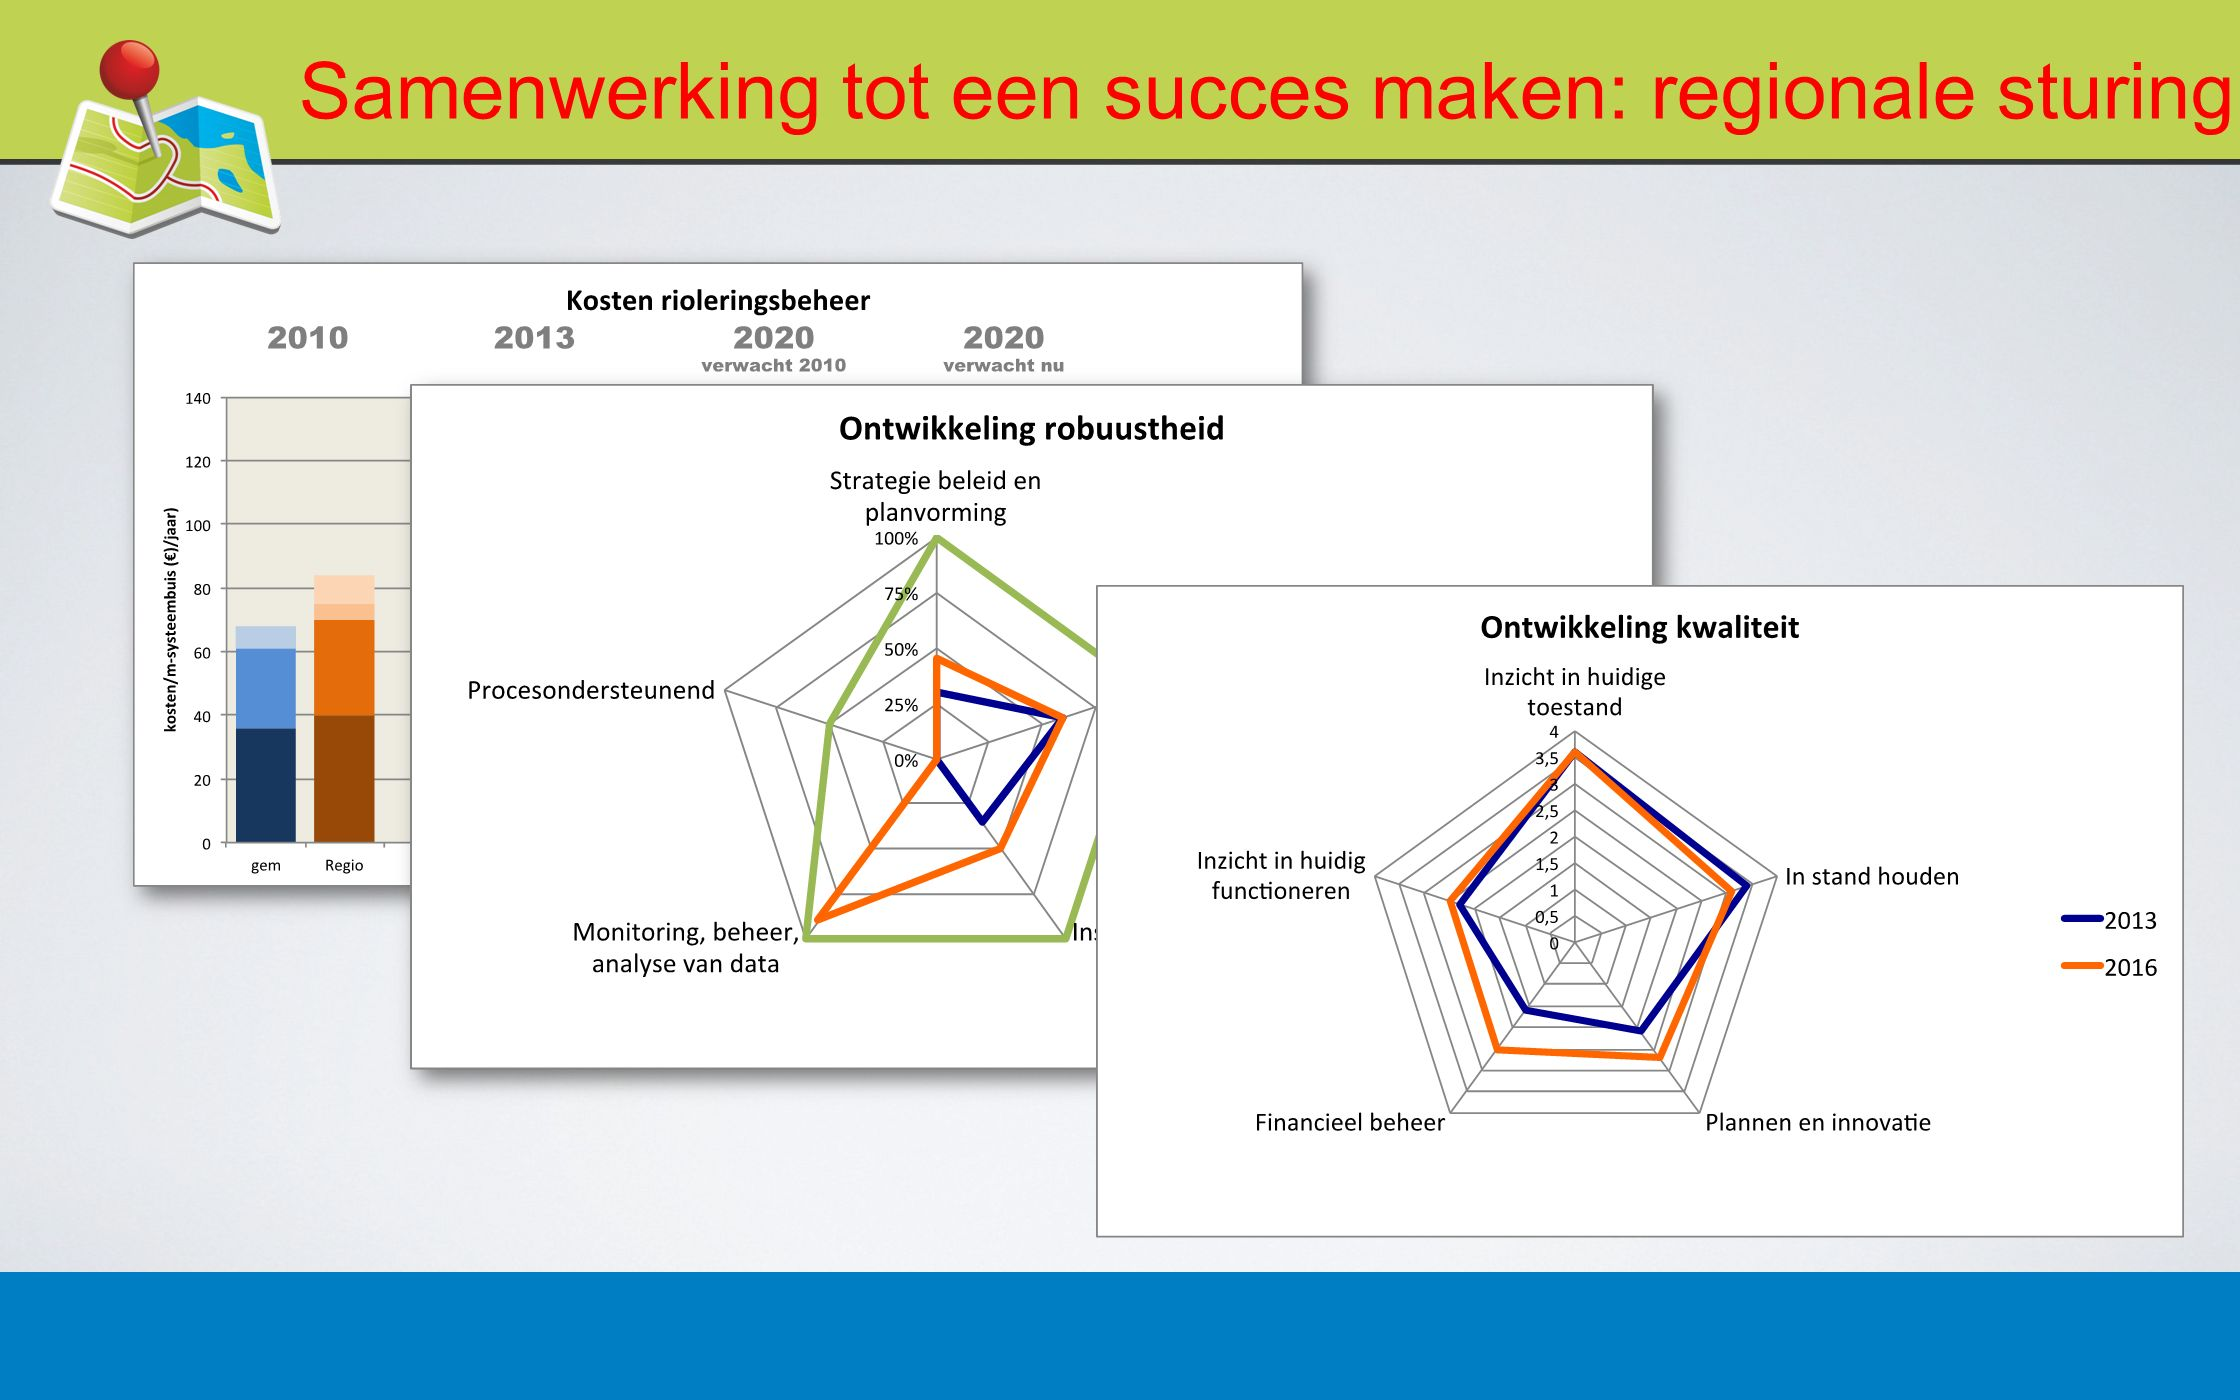 Samenwerking tot een succes maken: regionale sturing